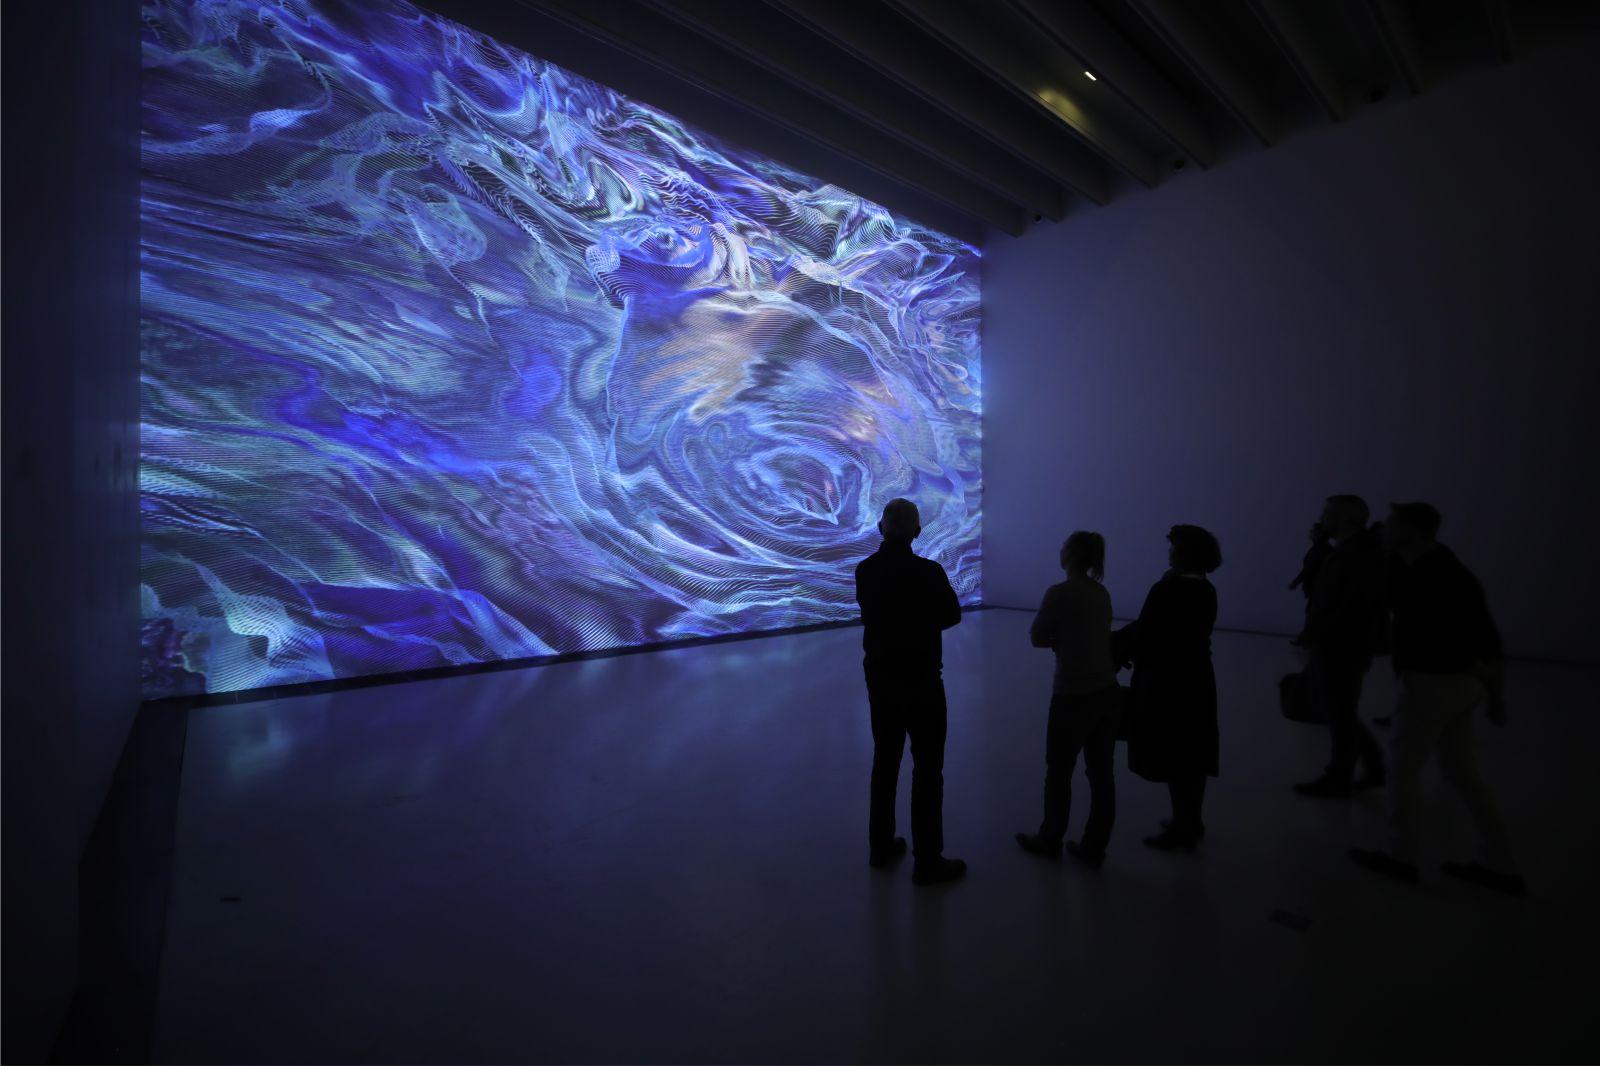 Pixels Noir Lumiere 2019 By Miguel Chevalier 03